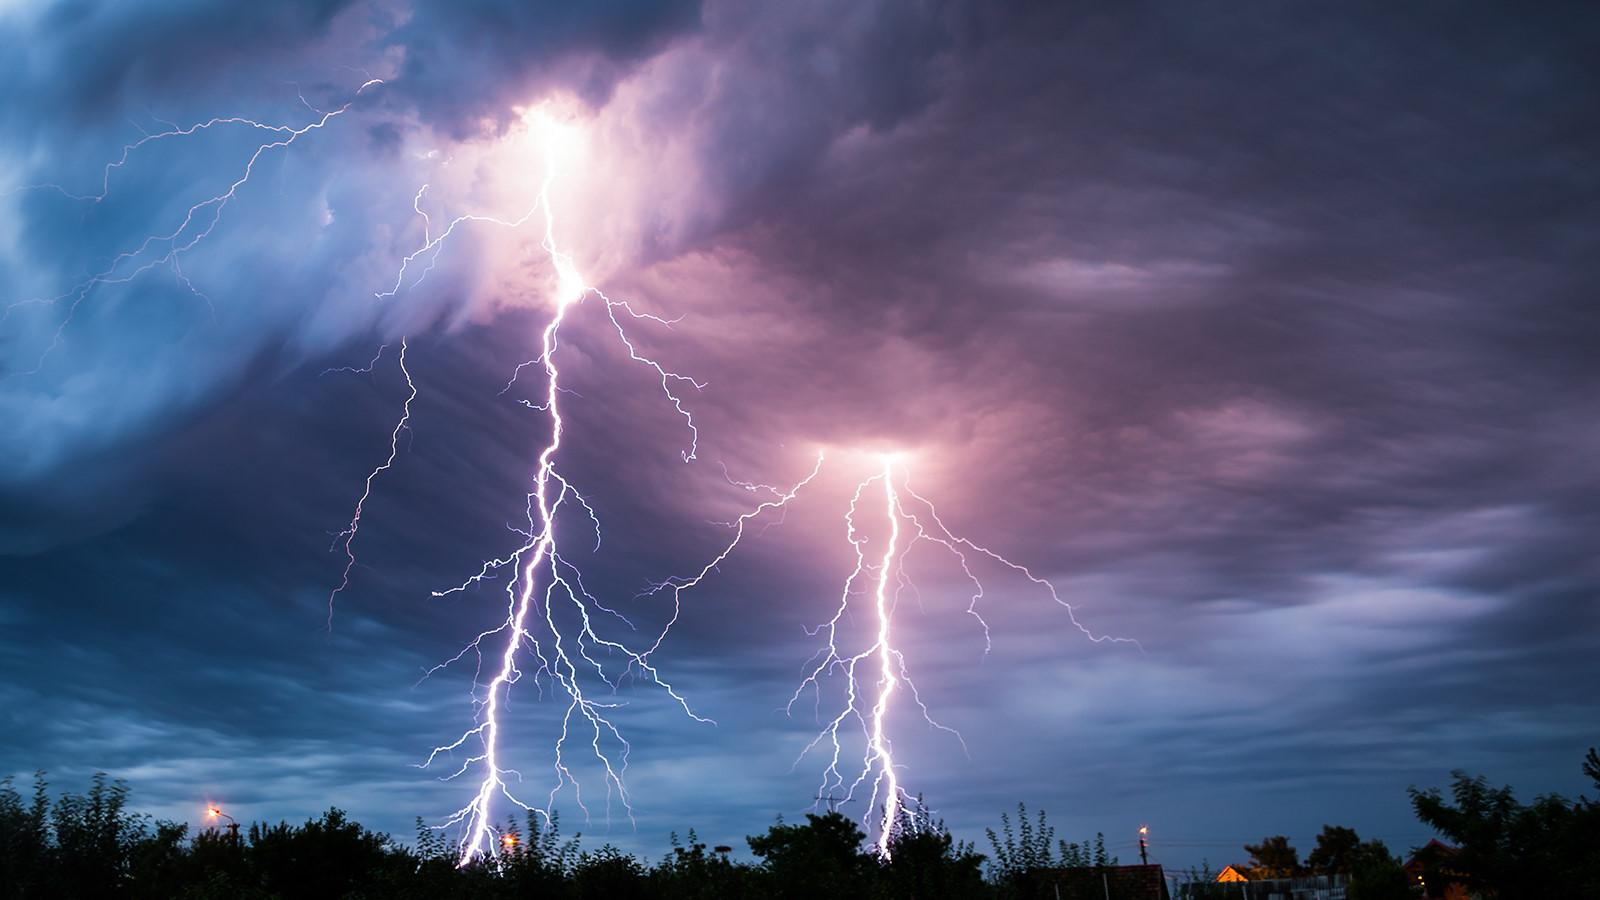 Cơn bão mặt trời ảnh hưởng nghiêm trọng đến tất cả các thiết bị điện tử trên Trái đất. Ảnh: Zing